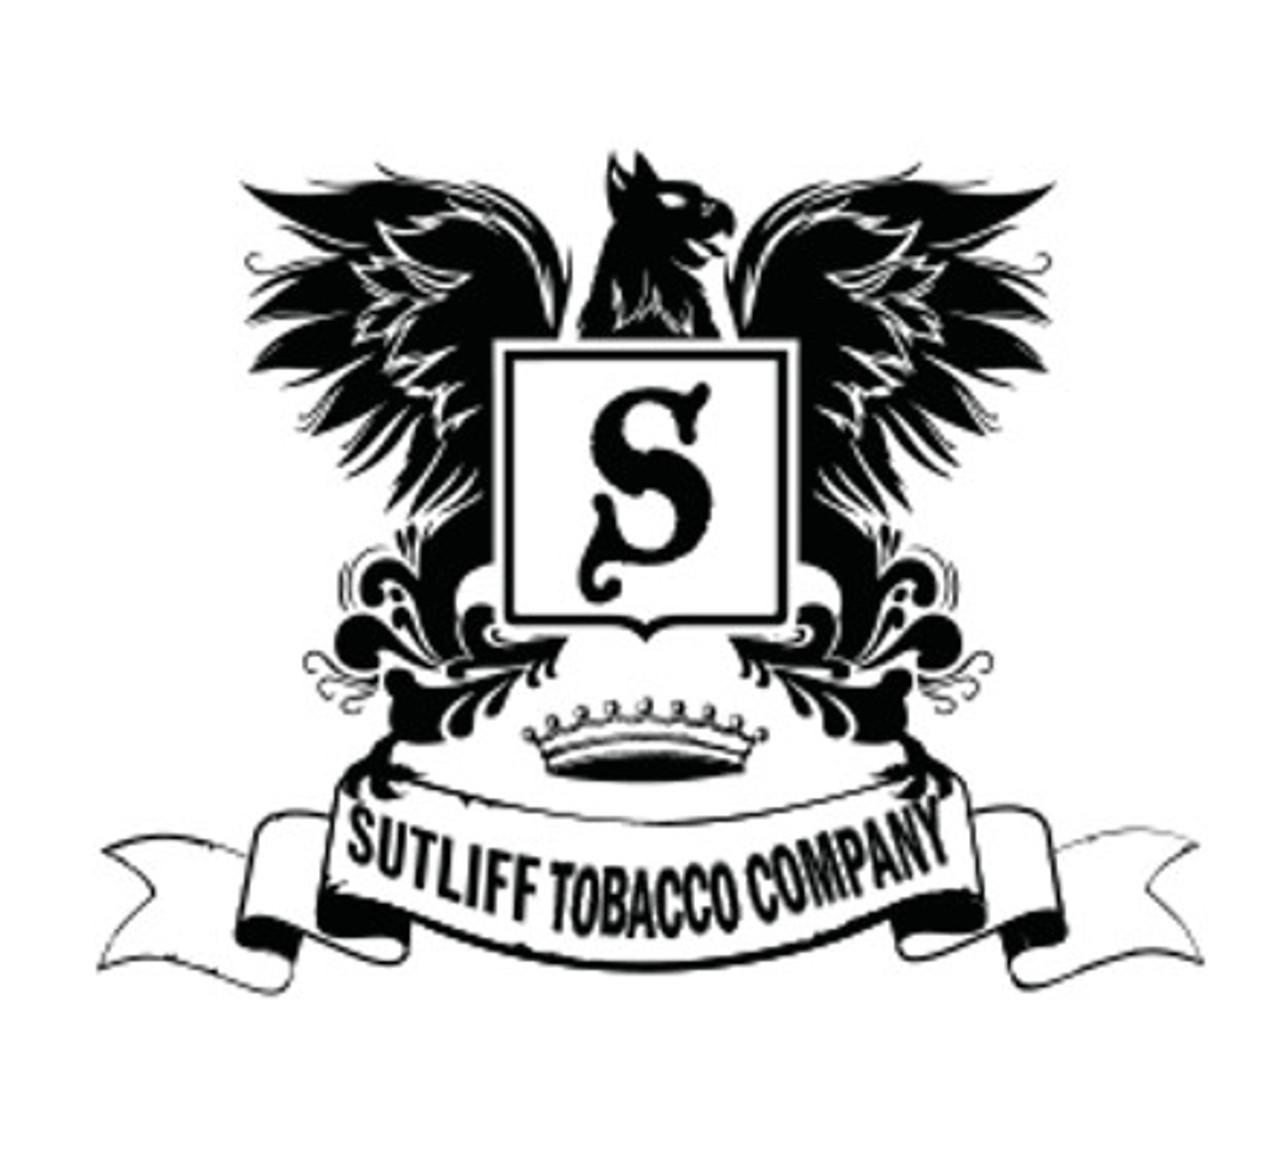 Sutliff J-2 Carmello Bulk Pipe Tobacco 5 LB